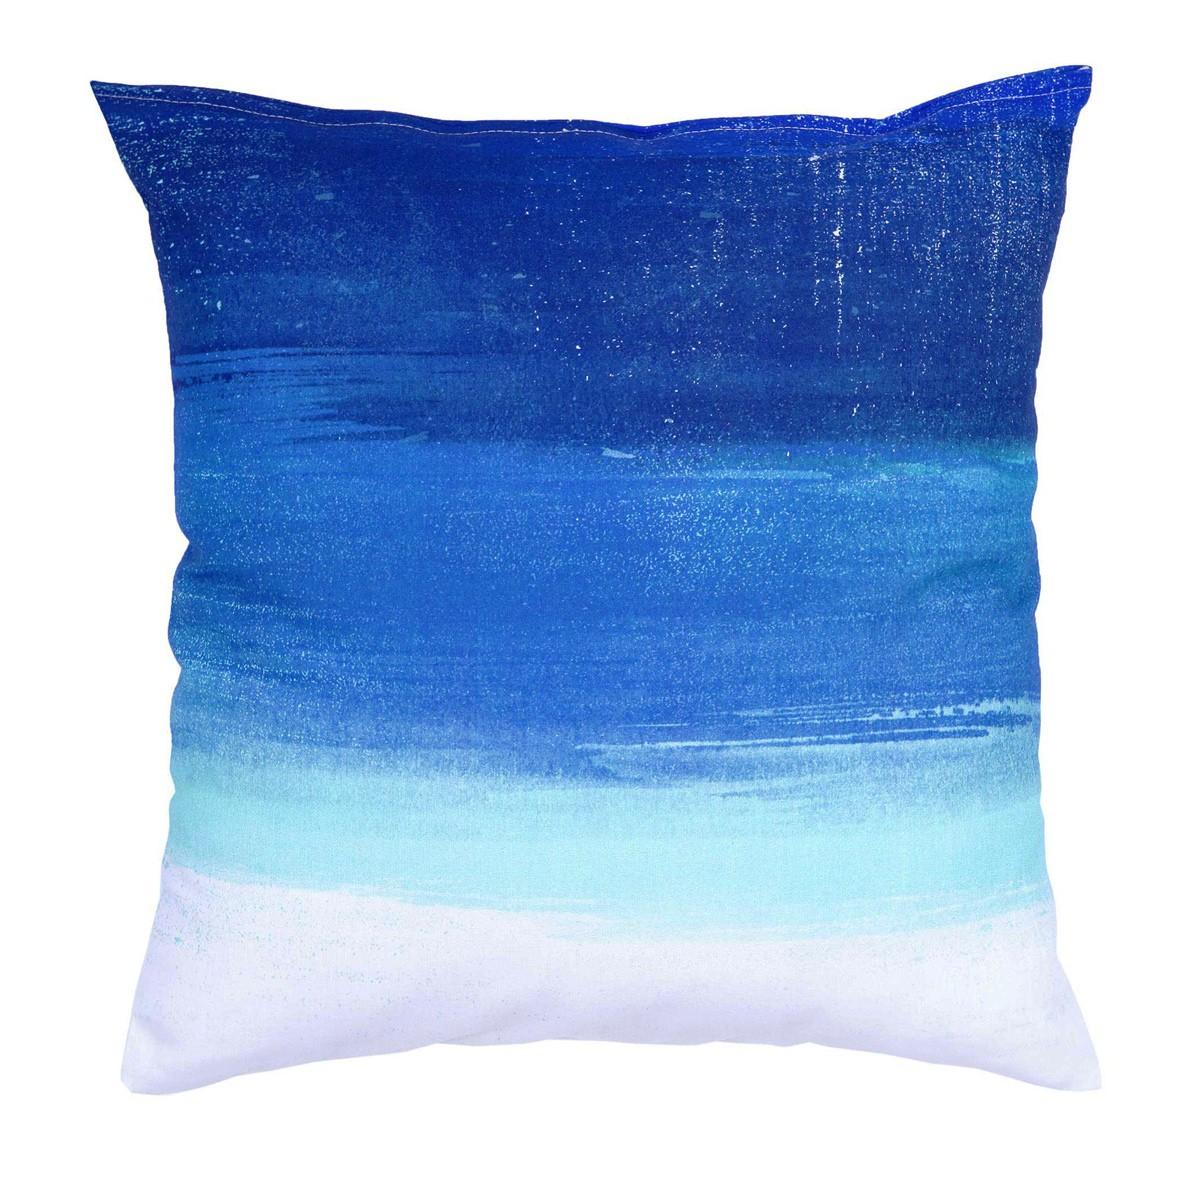 Διακοσμητική Μαξιλαροθήκη Nima Cushions Deep Sea